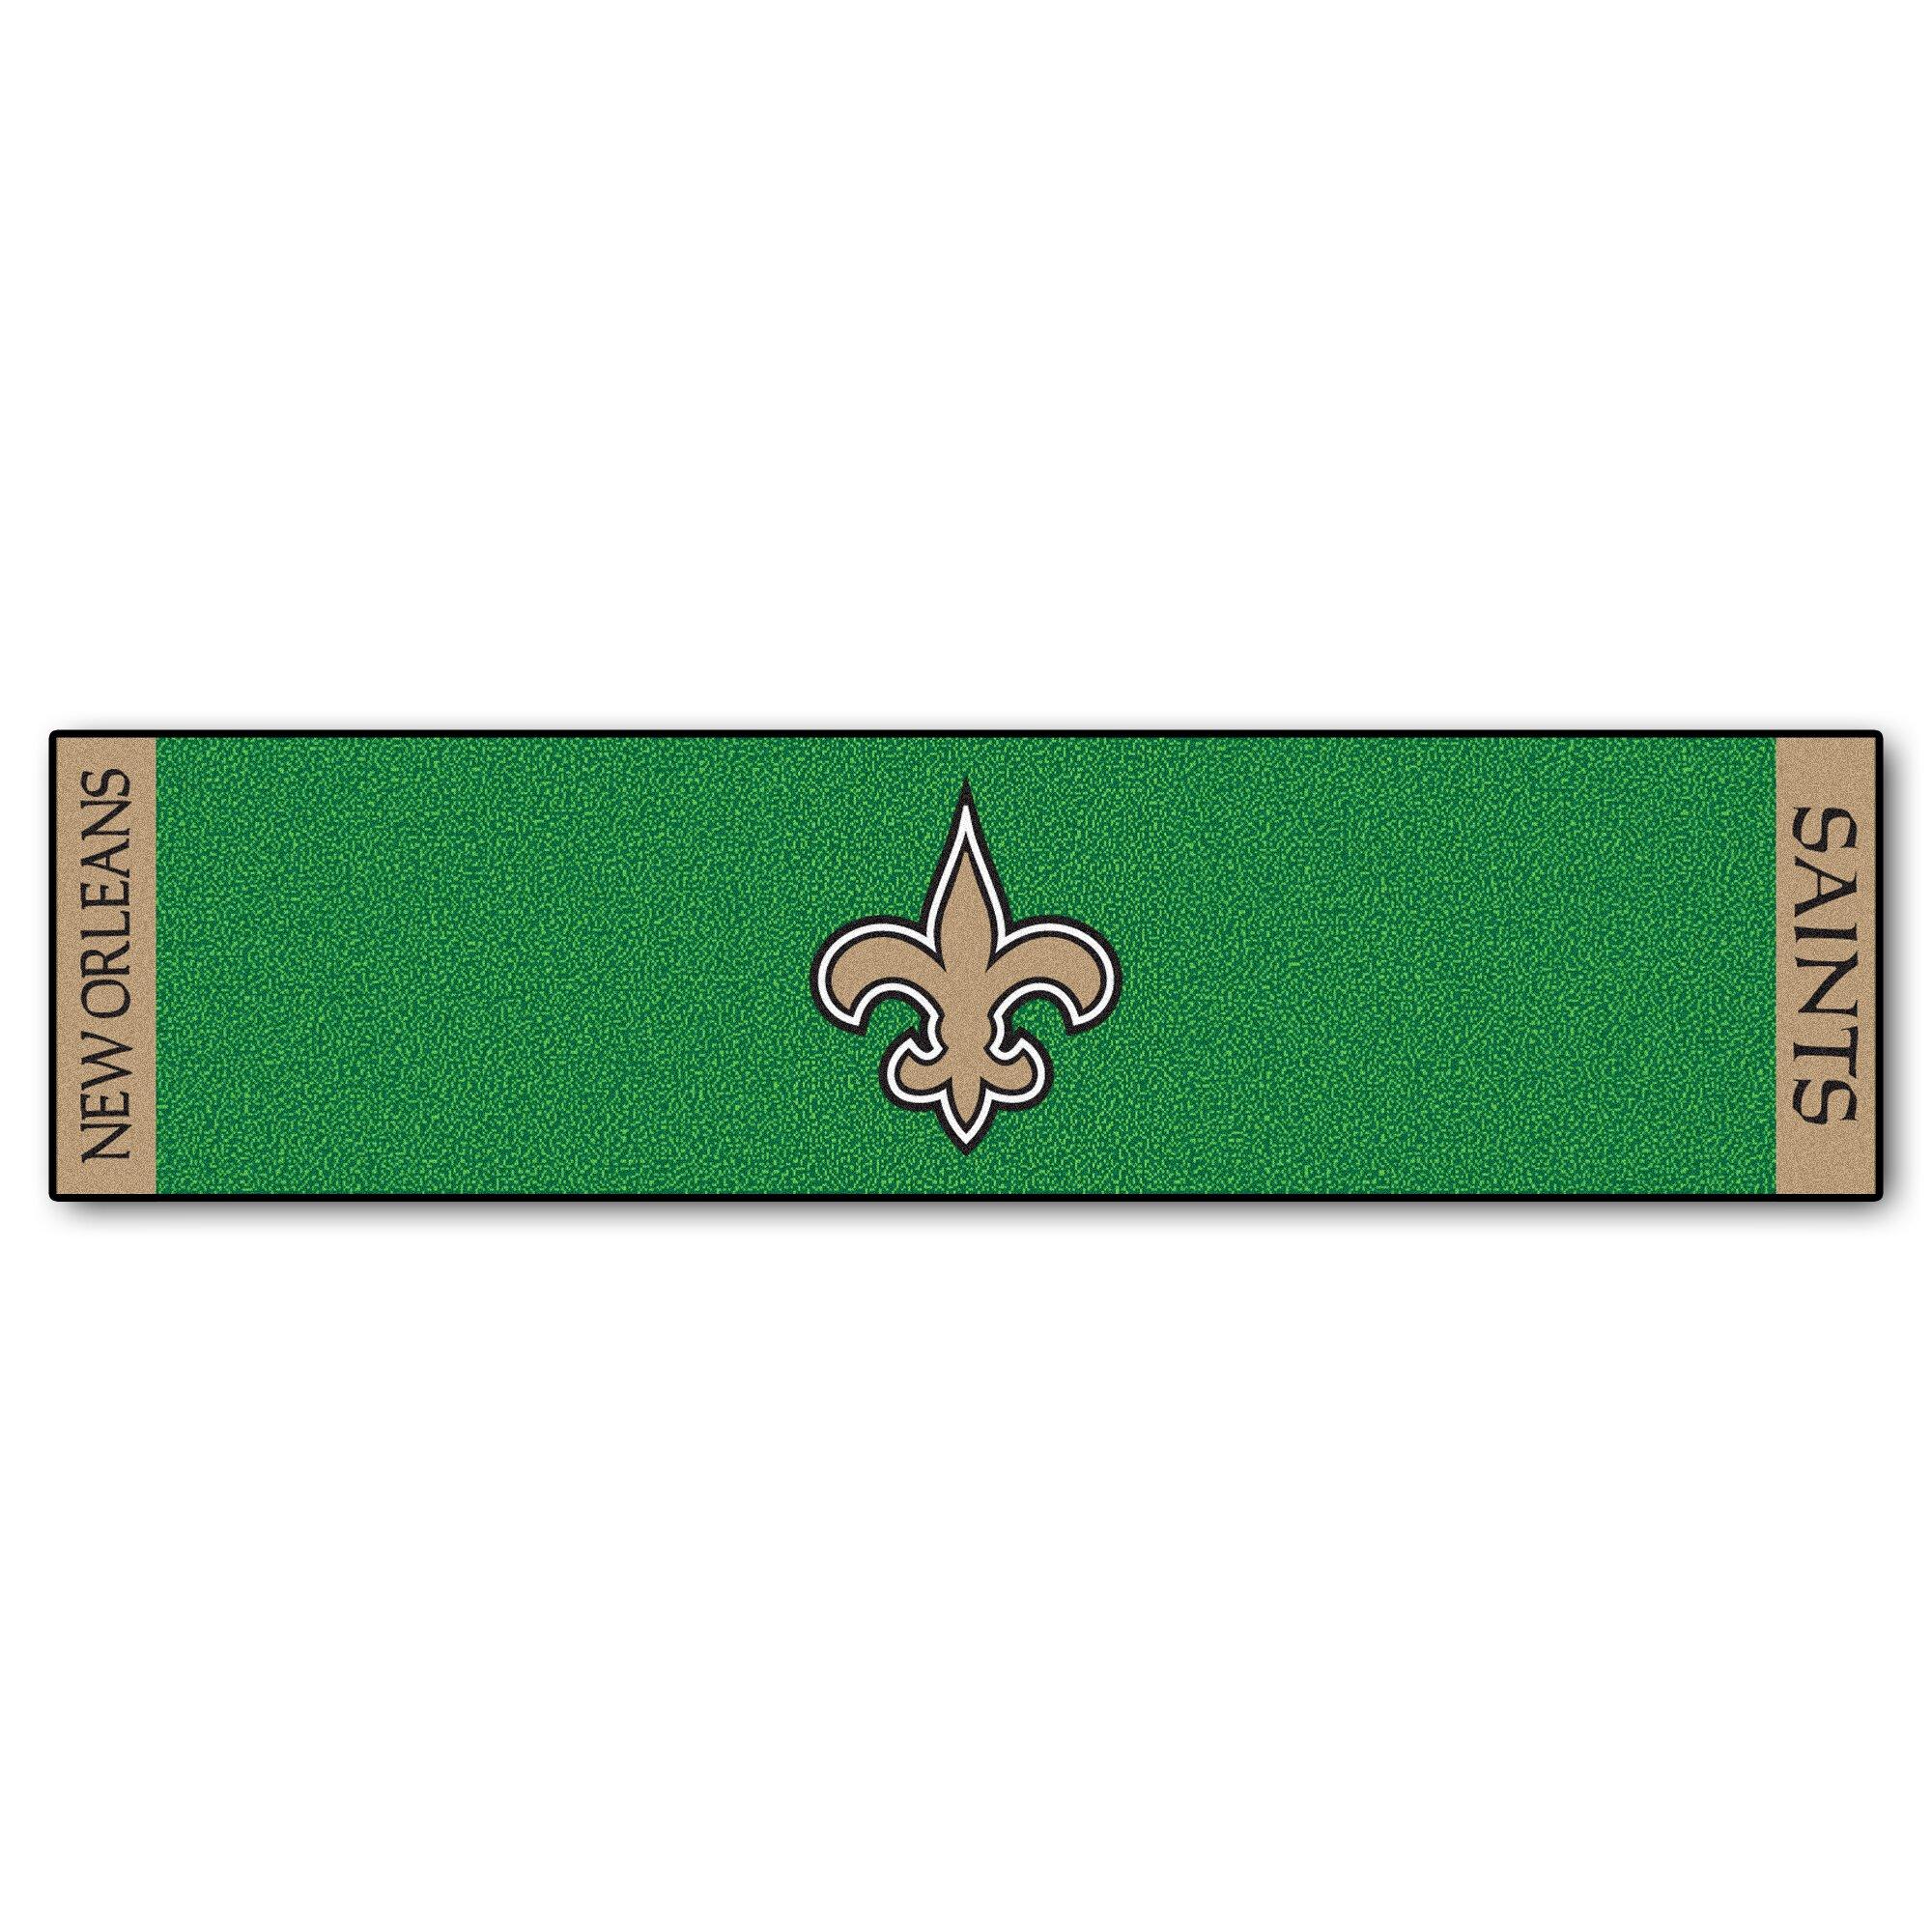 Fanmats Nfl New Orleans Saints Putting Green Mat Wayfair